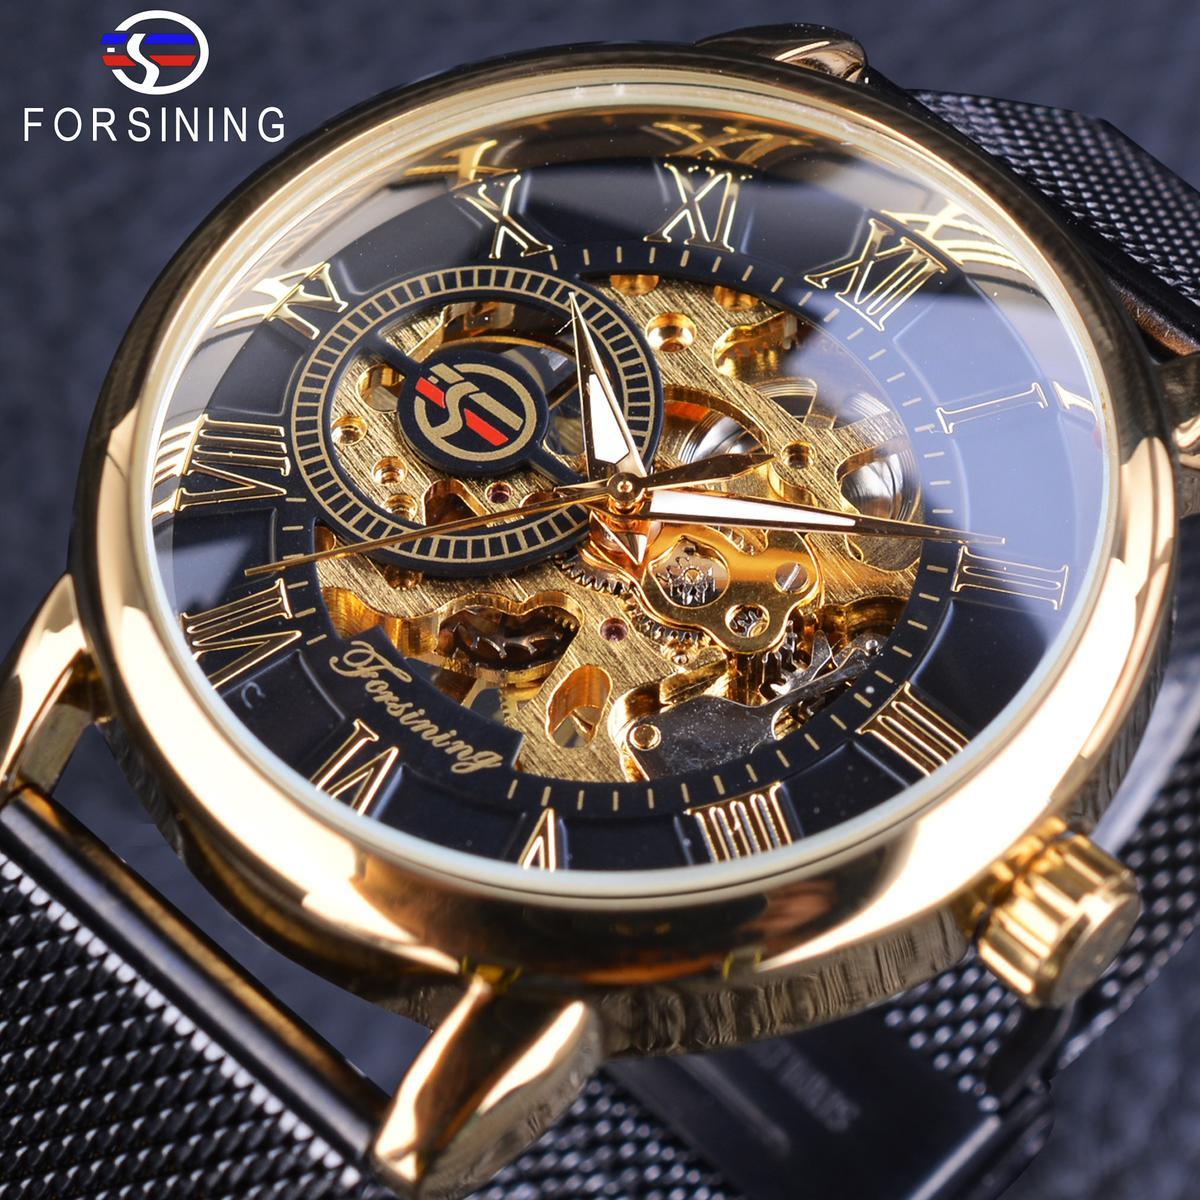 ec97257b1d0 Compre Forsining 2018 Retro Dourado 3D Número Romano Malha Negra Banda Homens  Transparente Esqueleto Mecânico Relógio De Luxo A Céu Aberto Relógio De  Pulso ...